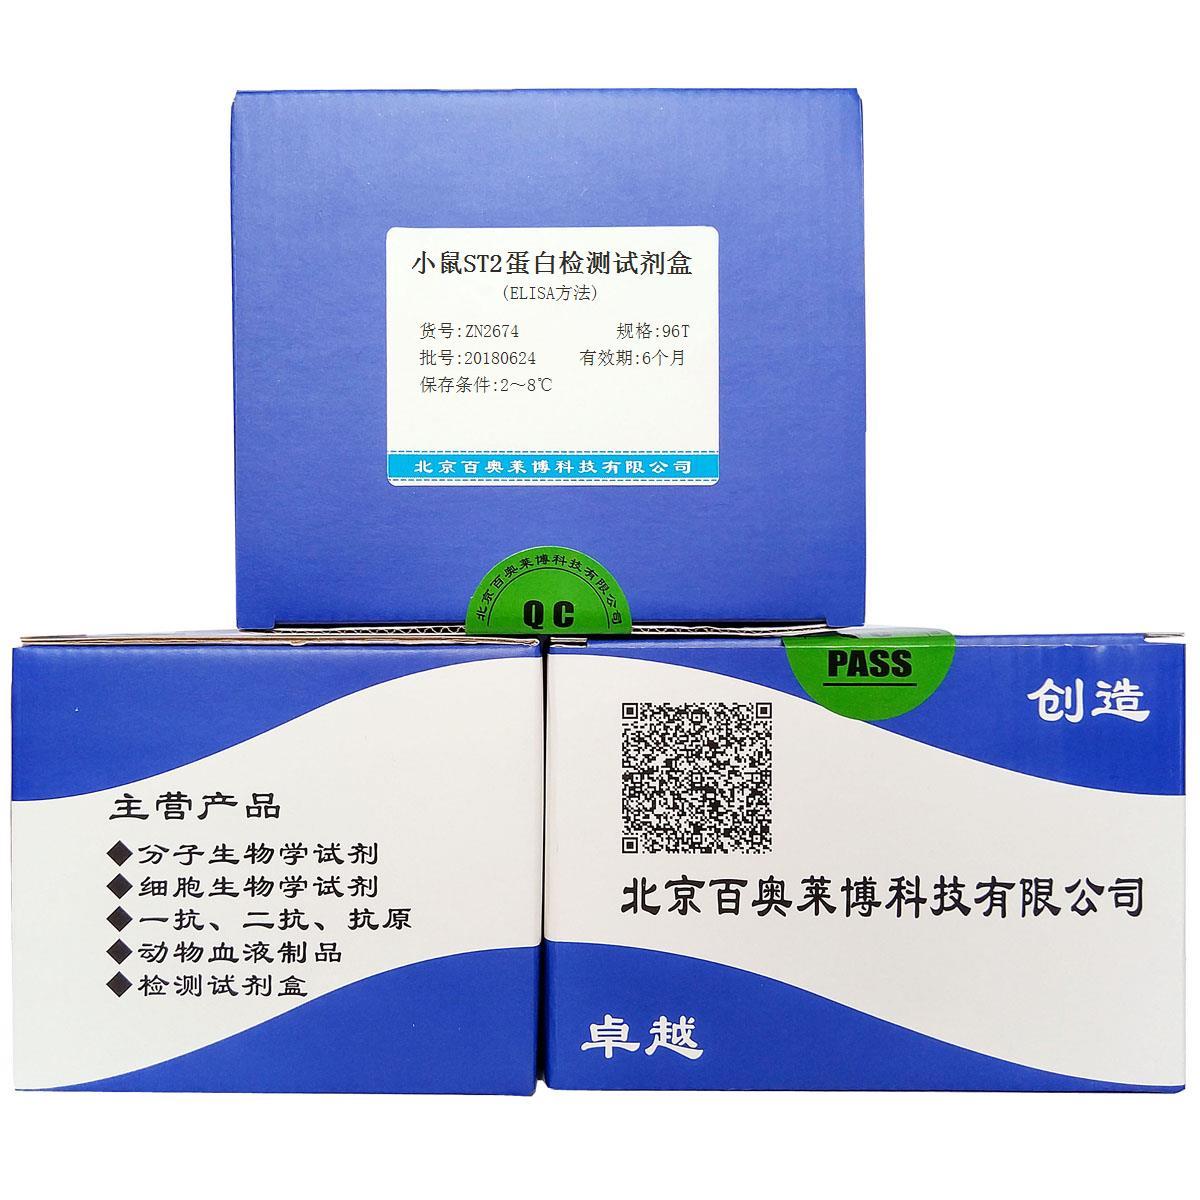 小鼠ST2蛋白检测试剂盒(ELISA方法)哪里卖